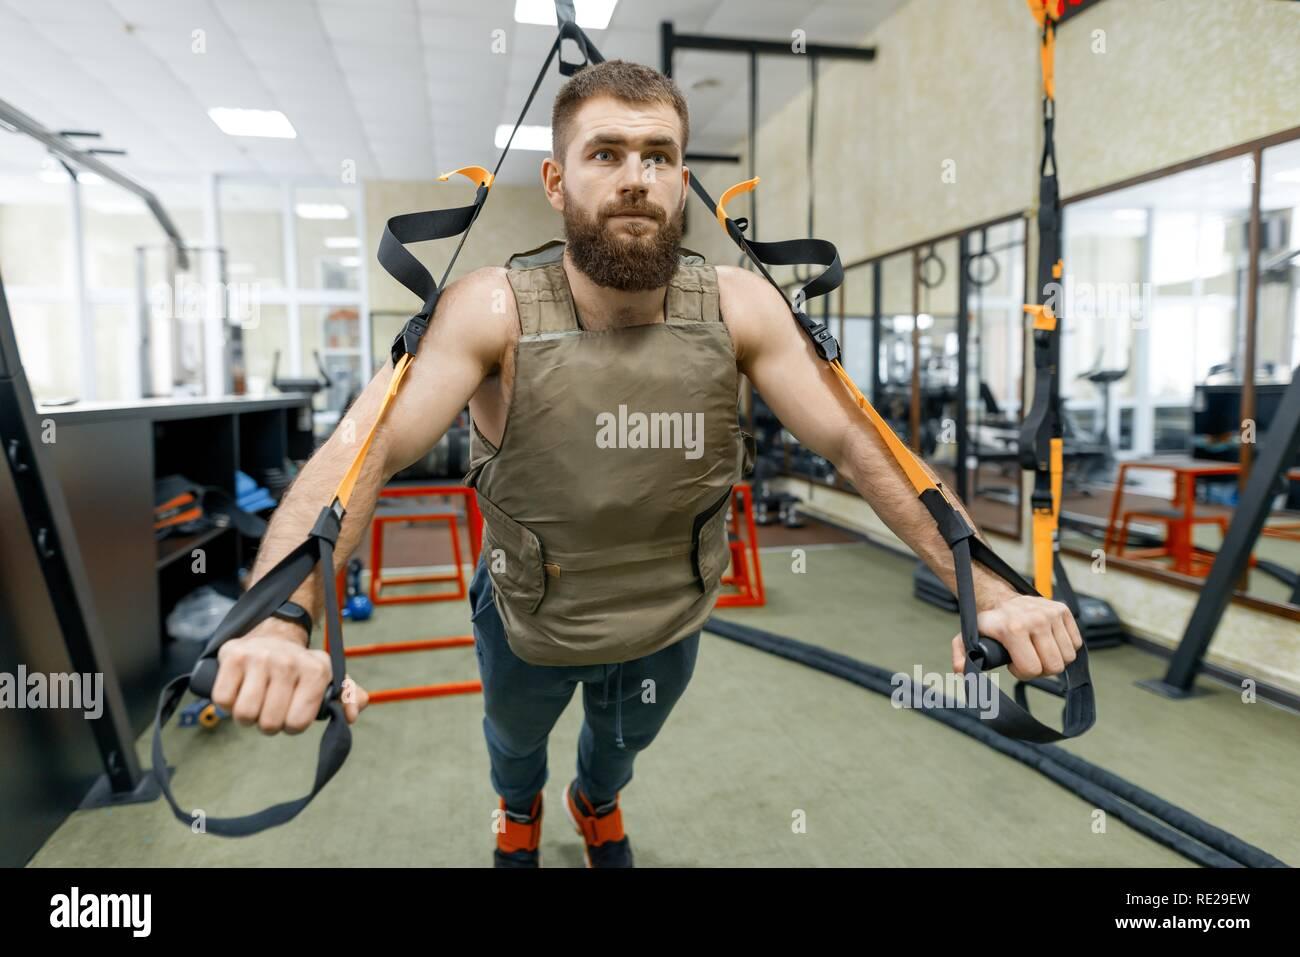 Homme barbu musclé habillé en veste militaire blindés pondérée de faire les exercices à l'aide de sangles de systèmes dans la salle de sport. Le sport, la formation, le culturisme et guérir Photo Stock